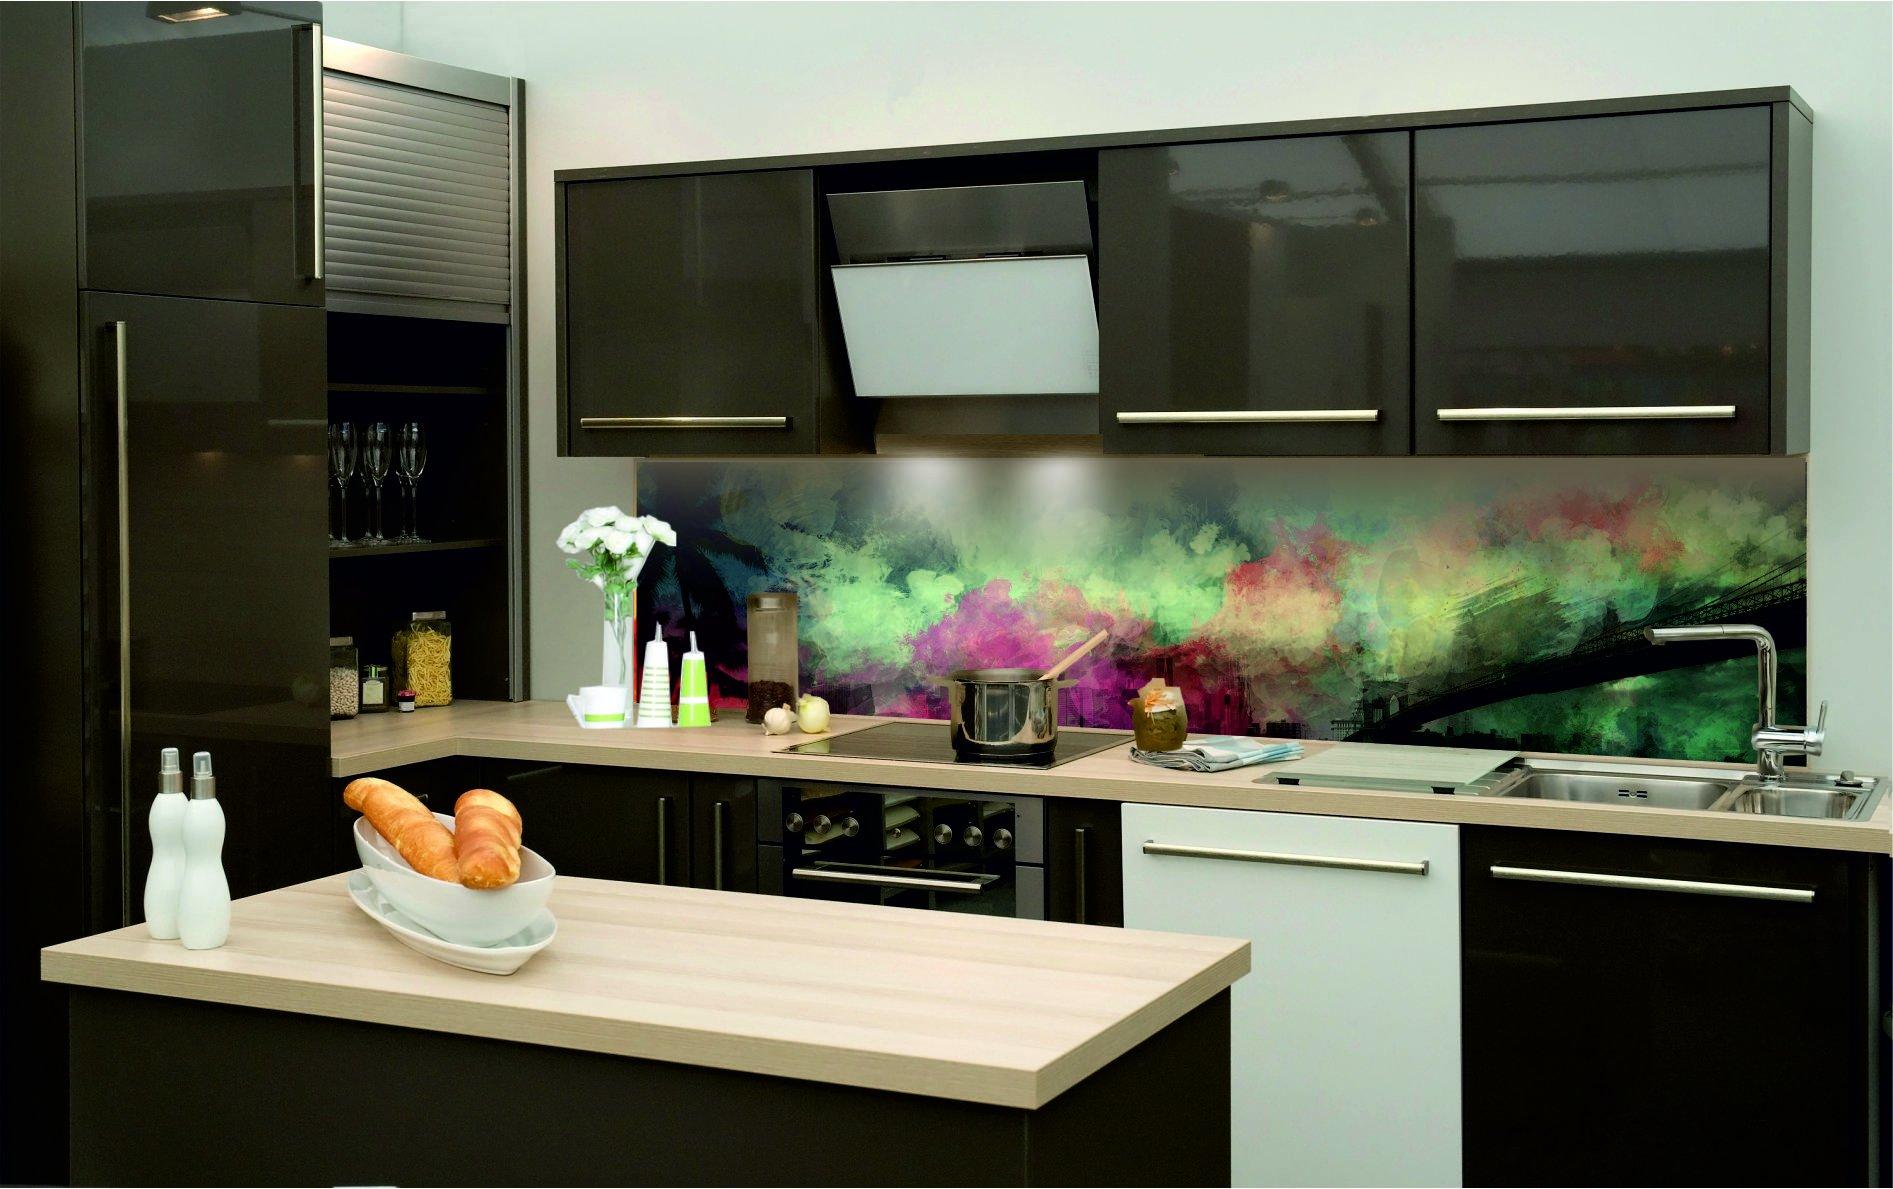 Wandfolie Selbstklebend Küche  Auxmir Toilettenpapierhalter Ohne